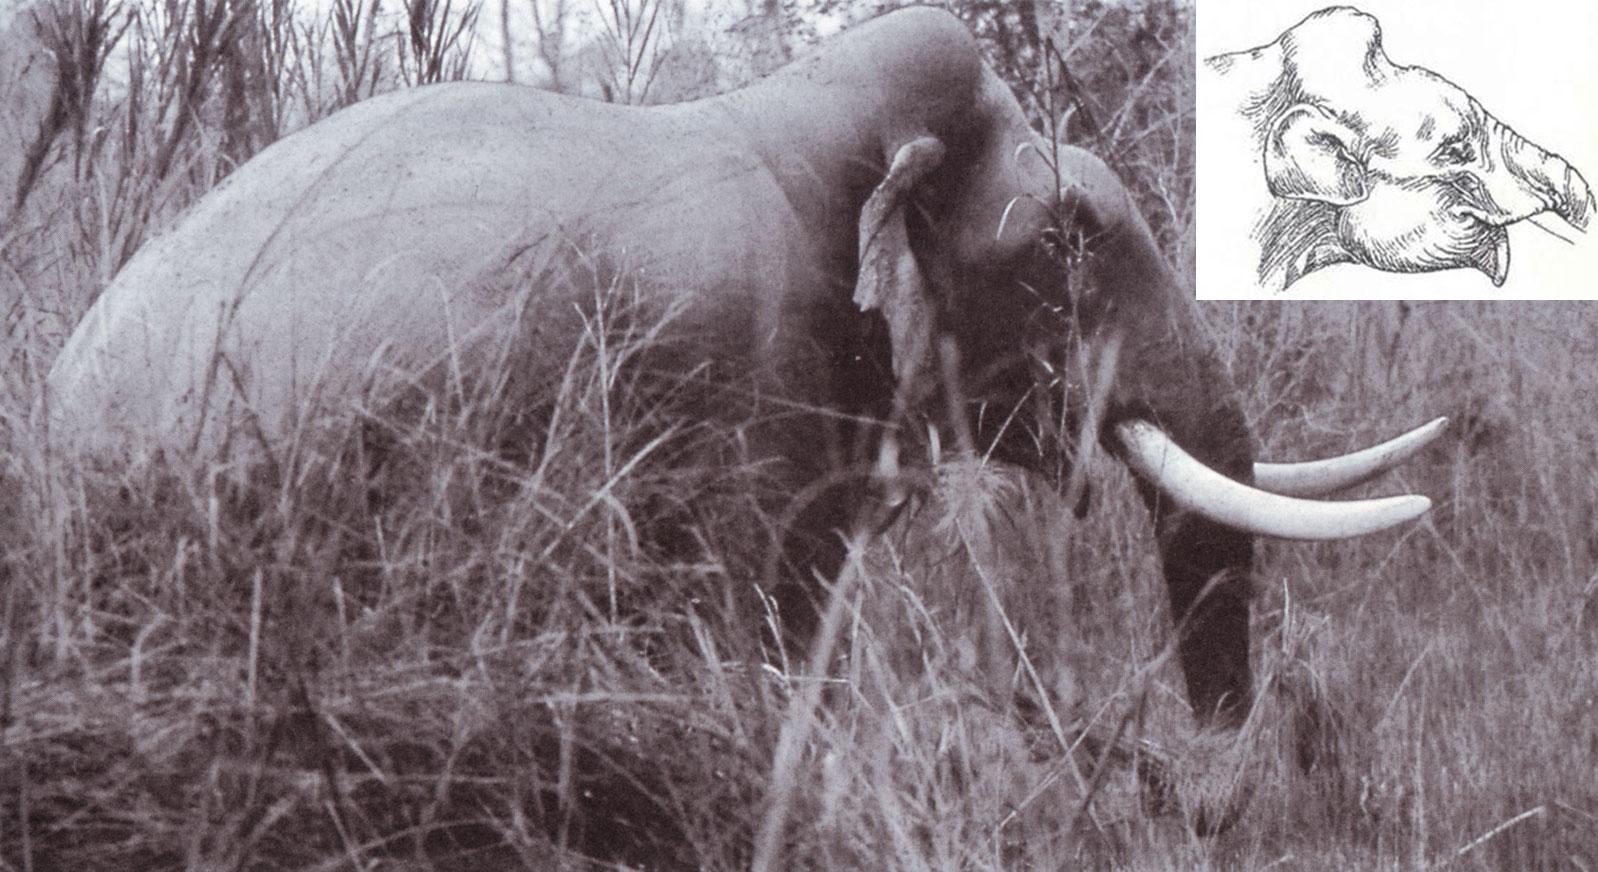 Fig. 3 - Un elefante di Bardia con la curiosa conformazione del cranio a cupola, simile a quella dell'antico Elephas hysudricus (ricostruito nel riquadro in alto a destra).